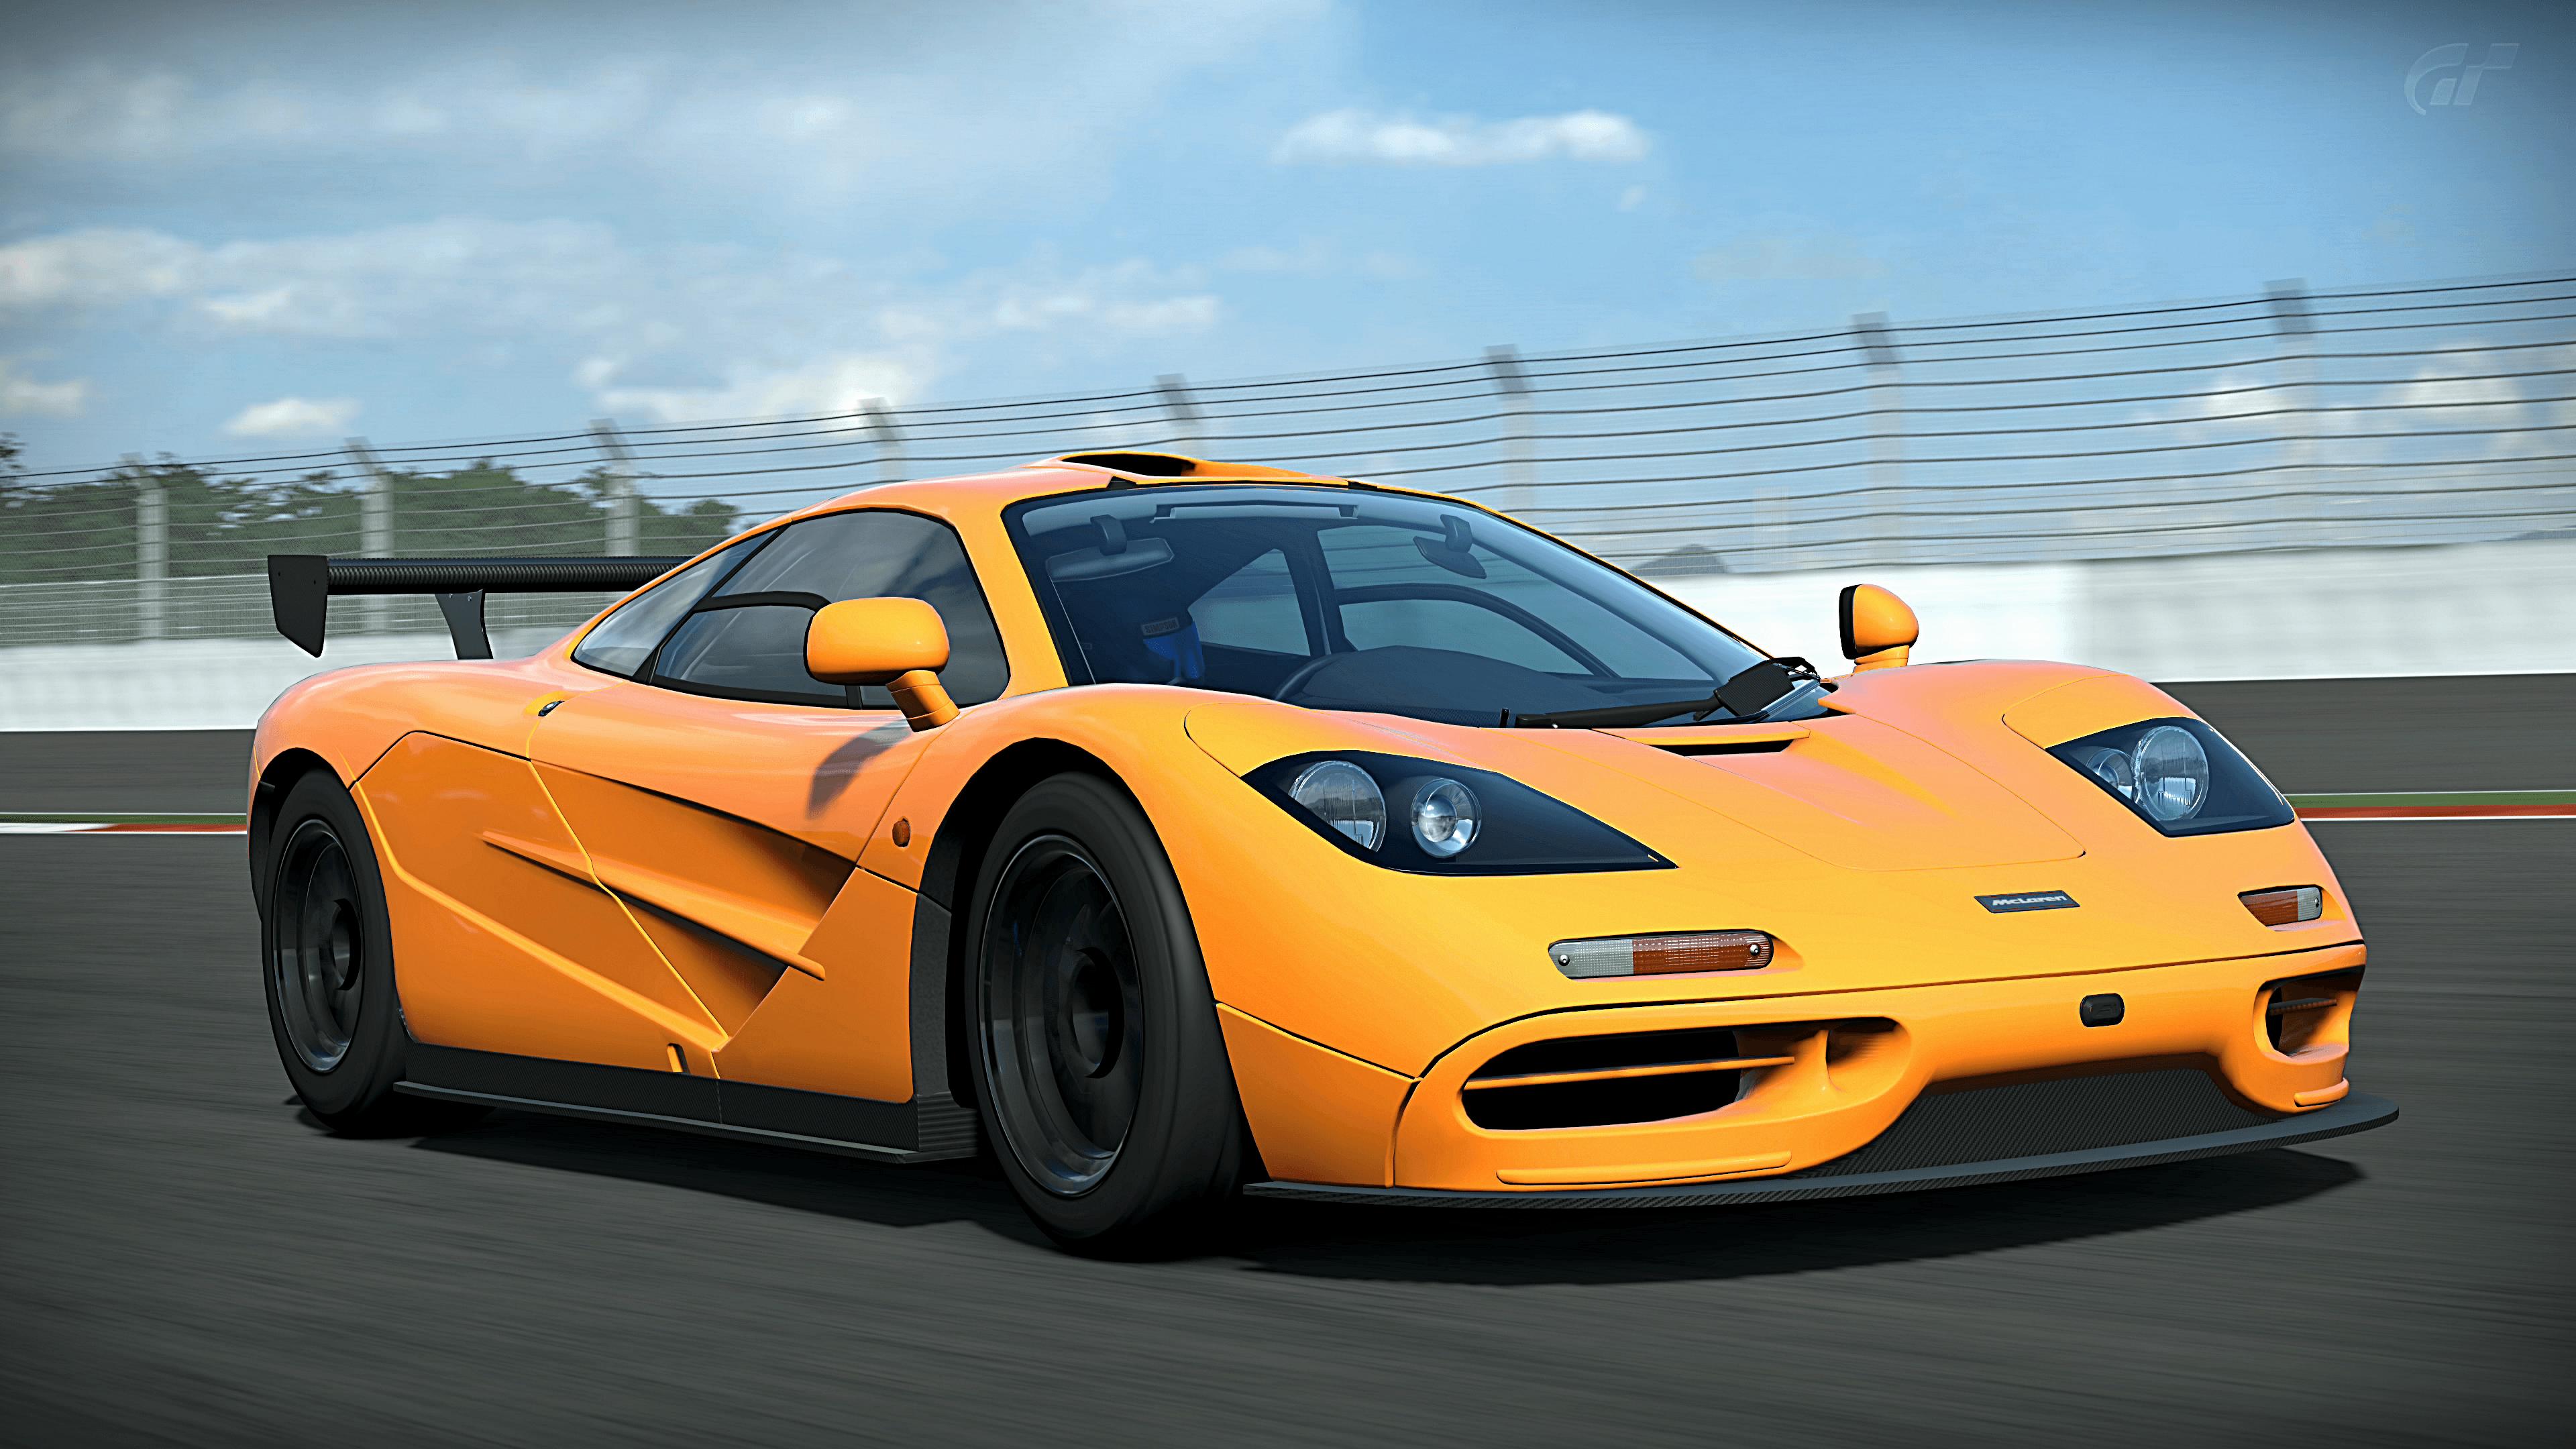 McLaren F1 Wallpapers - Top Free McLaren F1 Backgrounds ...